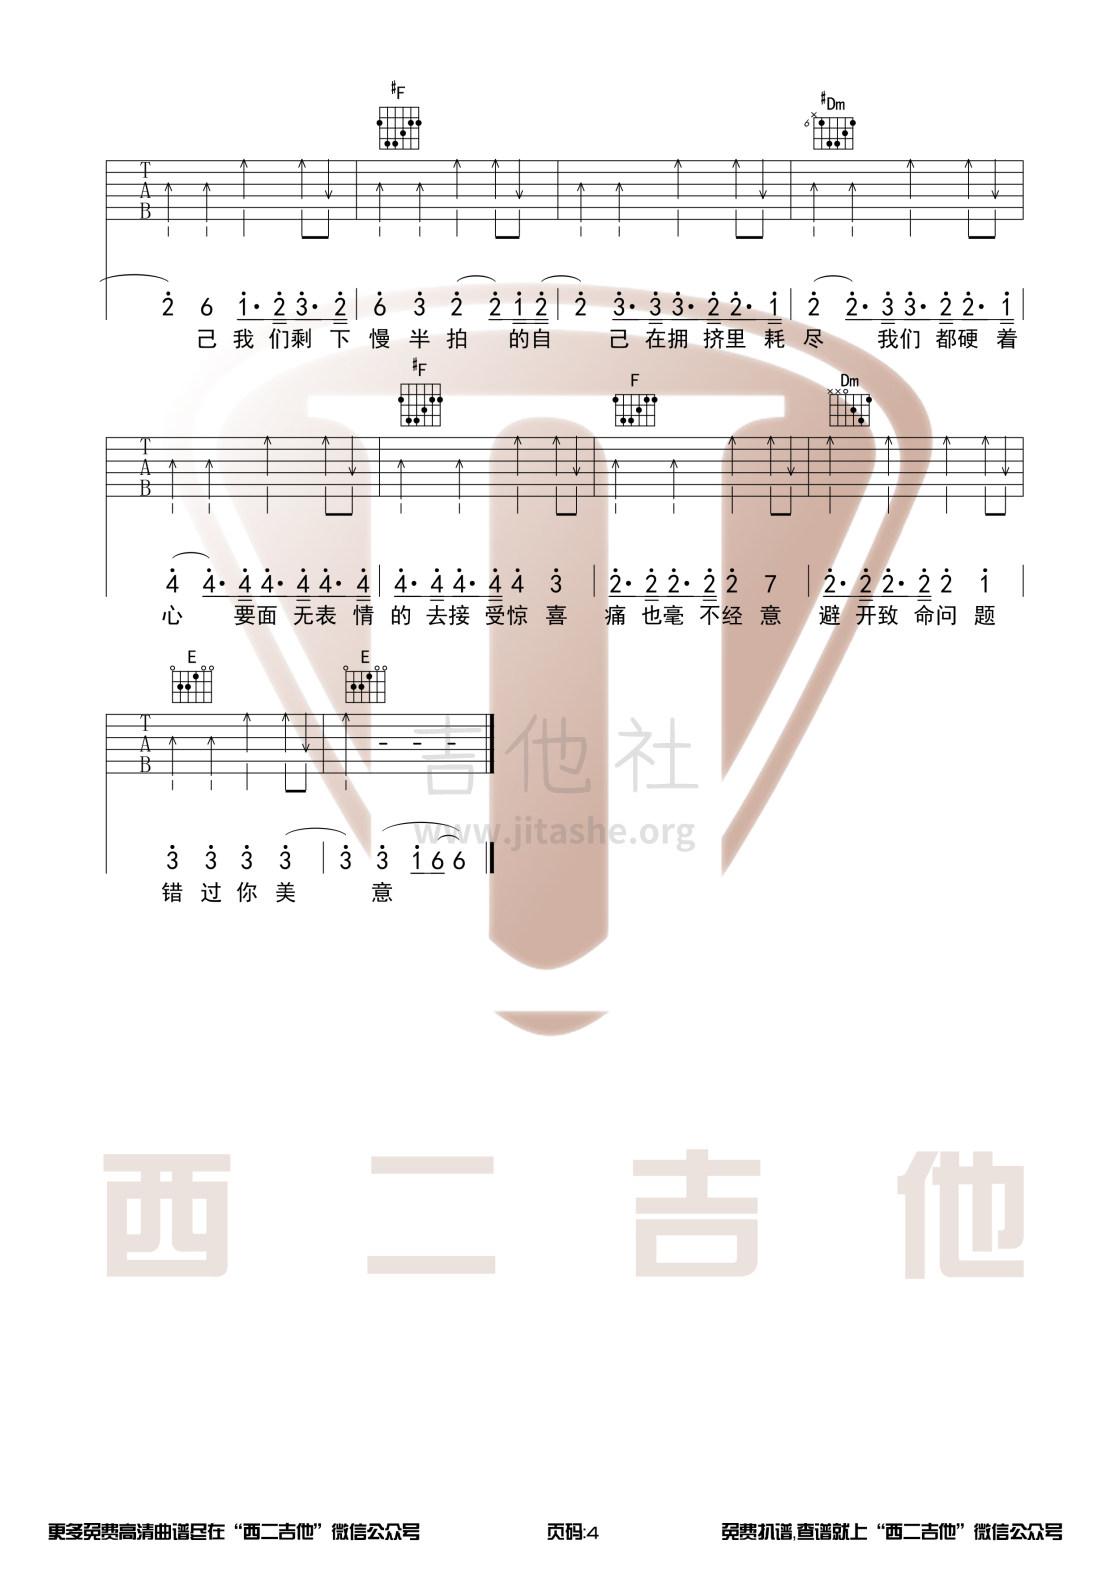 慢半拍(西二吉他)吉他谱(图片谱,弹唱,G调)_薛之谦_慢半拍4.jpg